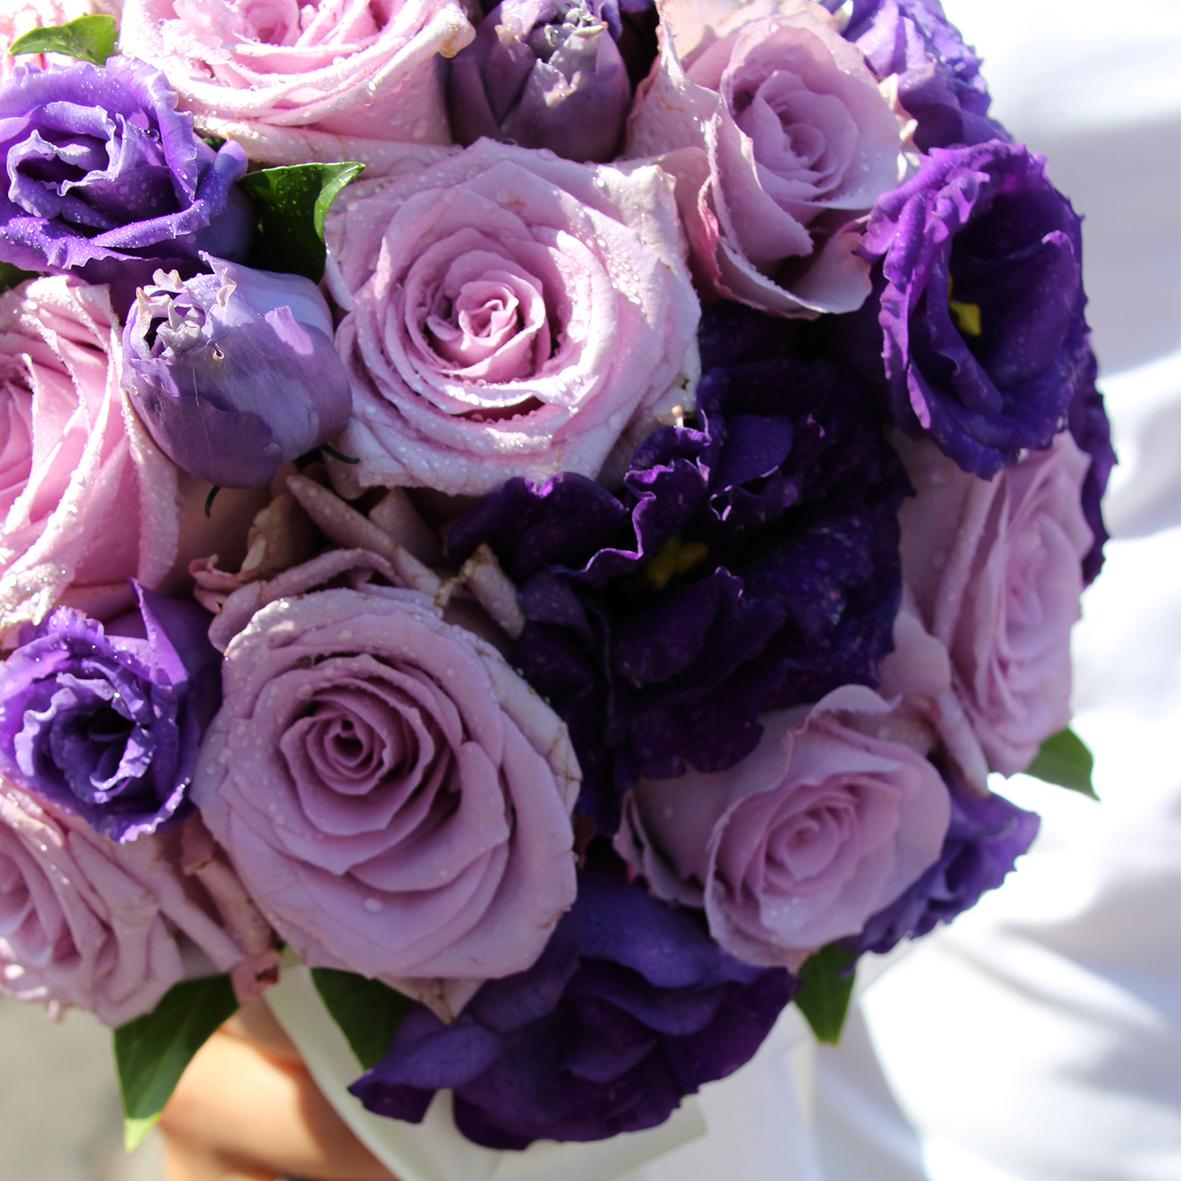 Matrimonio lilla viola glicine fantasia romantica for Tende lilla glicine